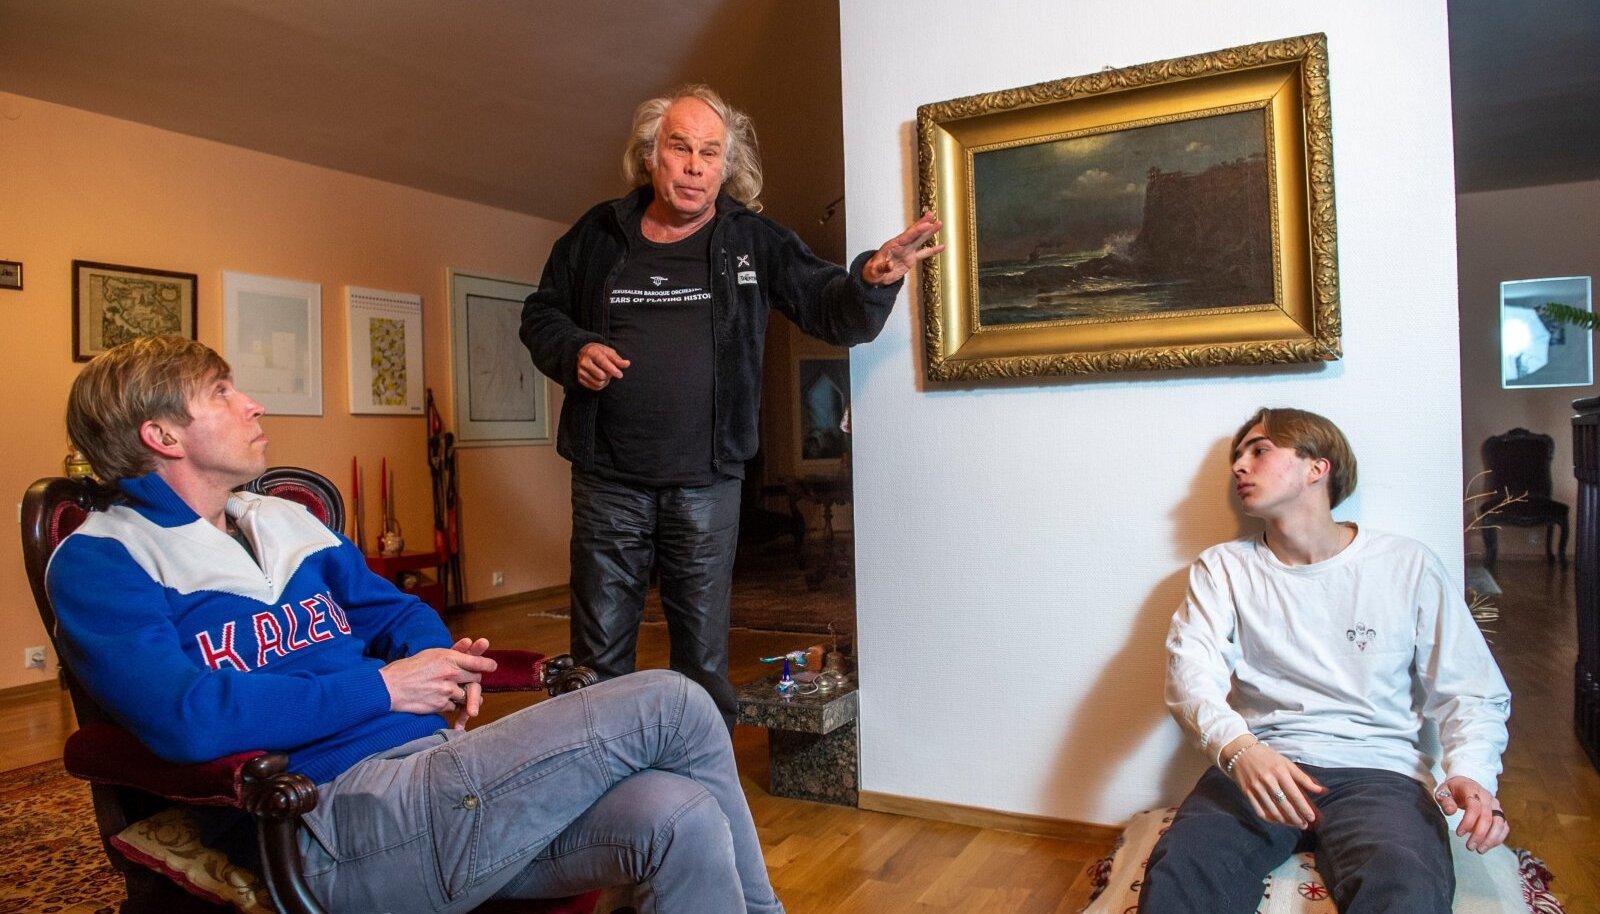 IGAS SUUNAS: Mustonenide suguvõsas tegeletakse nii vanamuusika, nostalgialaulude kui ka kõige moodsama räppmuusikaga. Pildil (vasakult) Mattias, Andres ja Frederik Mustonen.